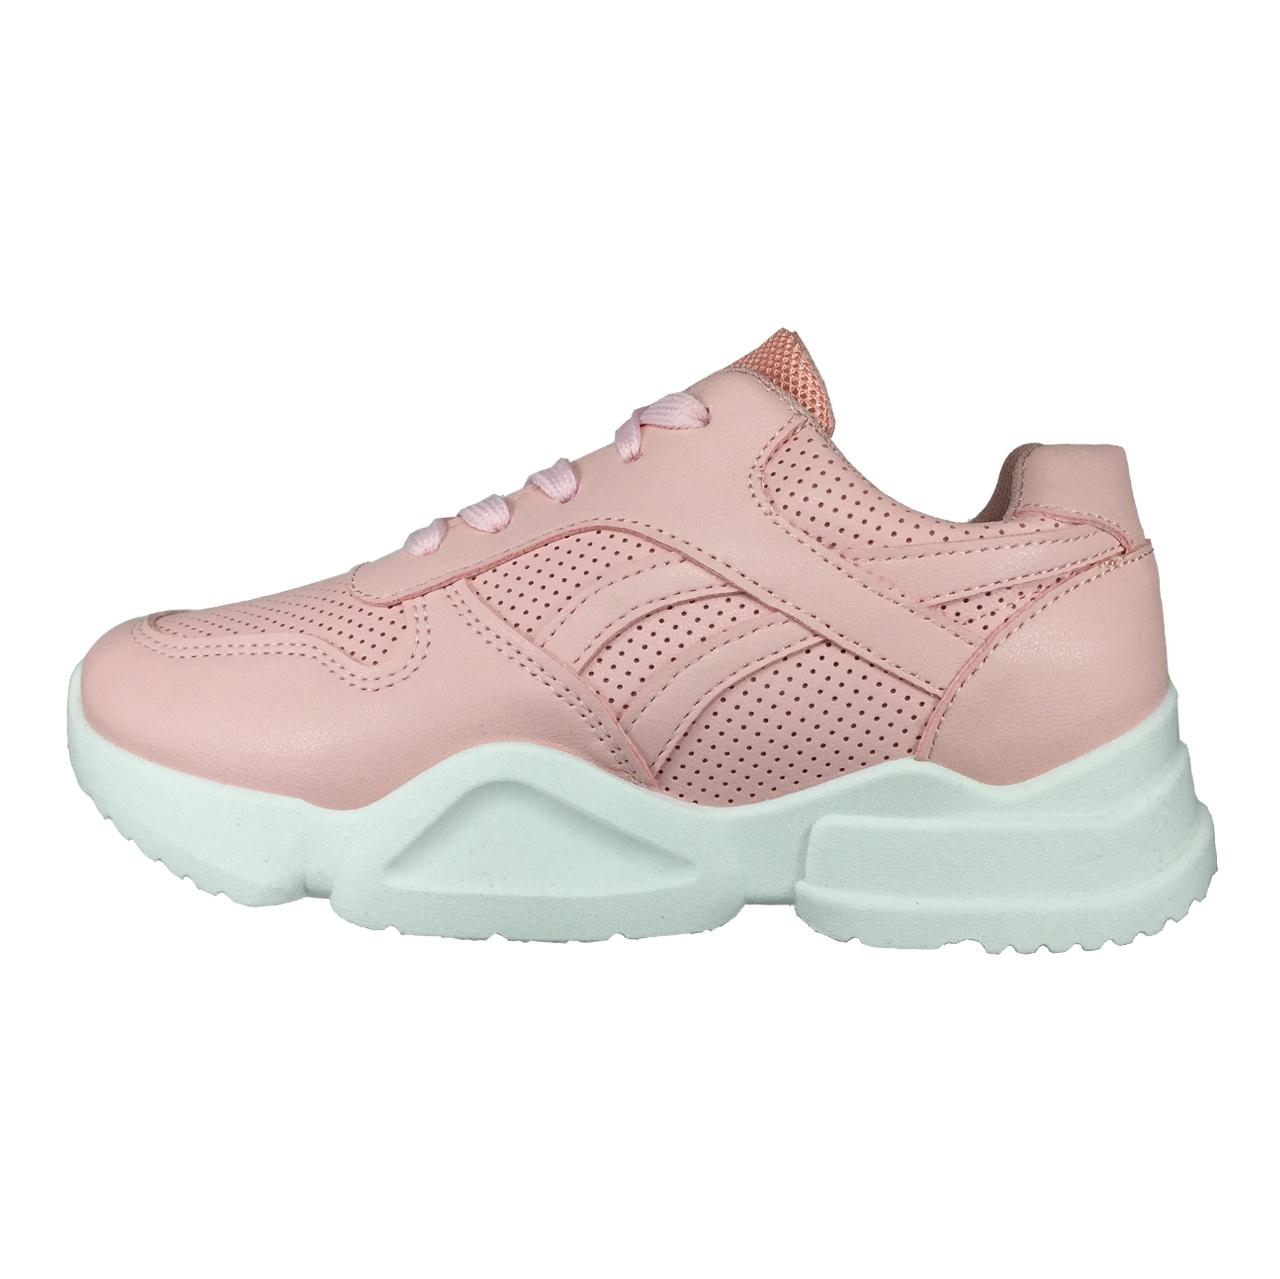 کفش زنانه مدل B455 رنگ صورتی